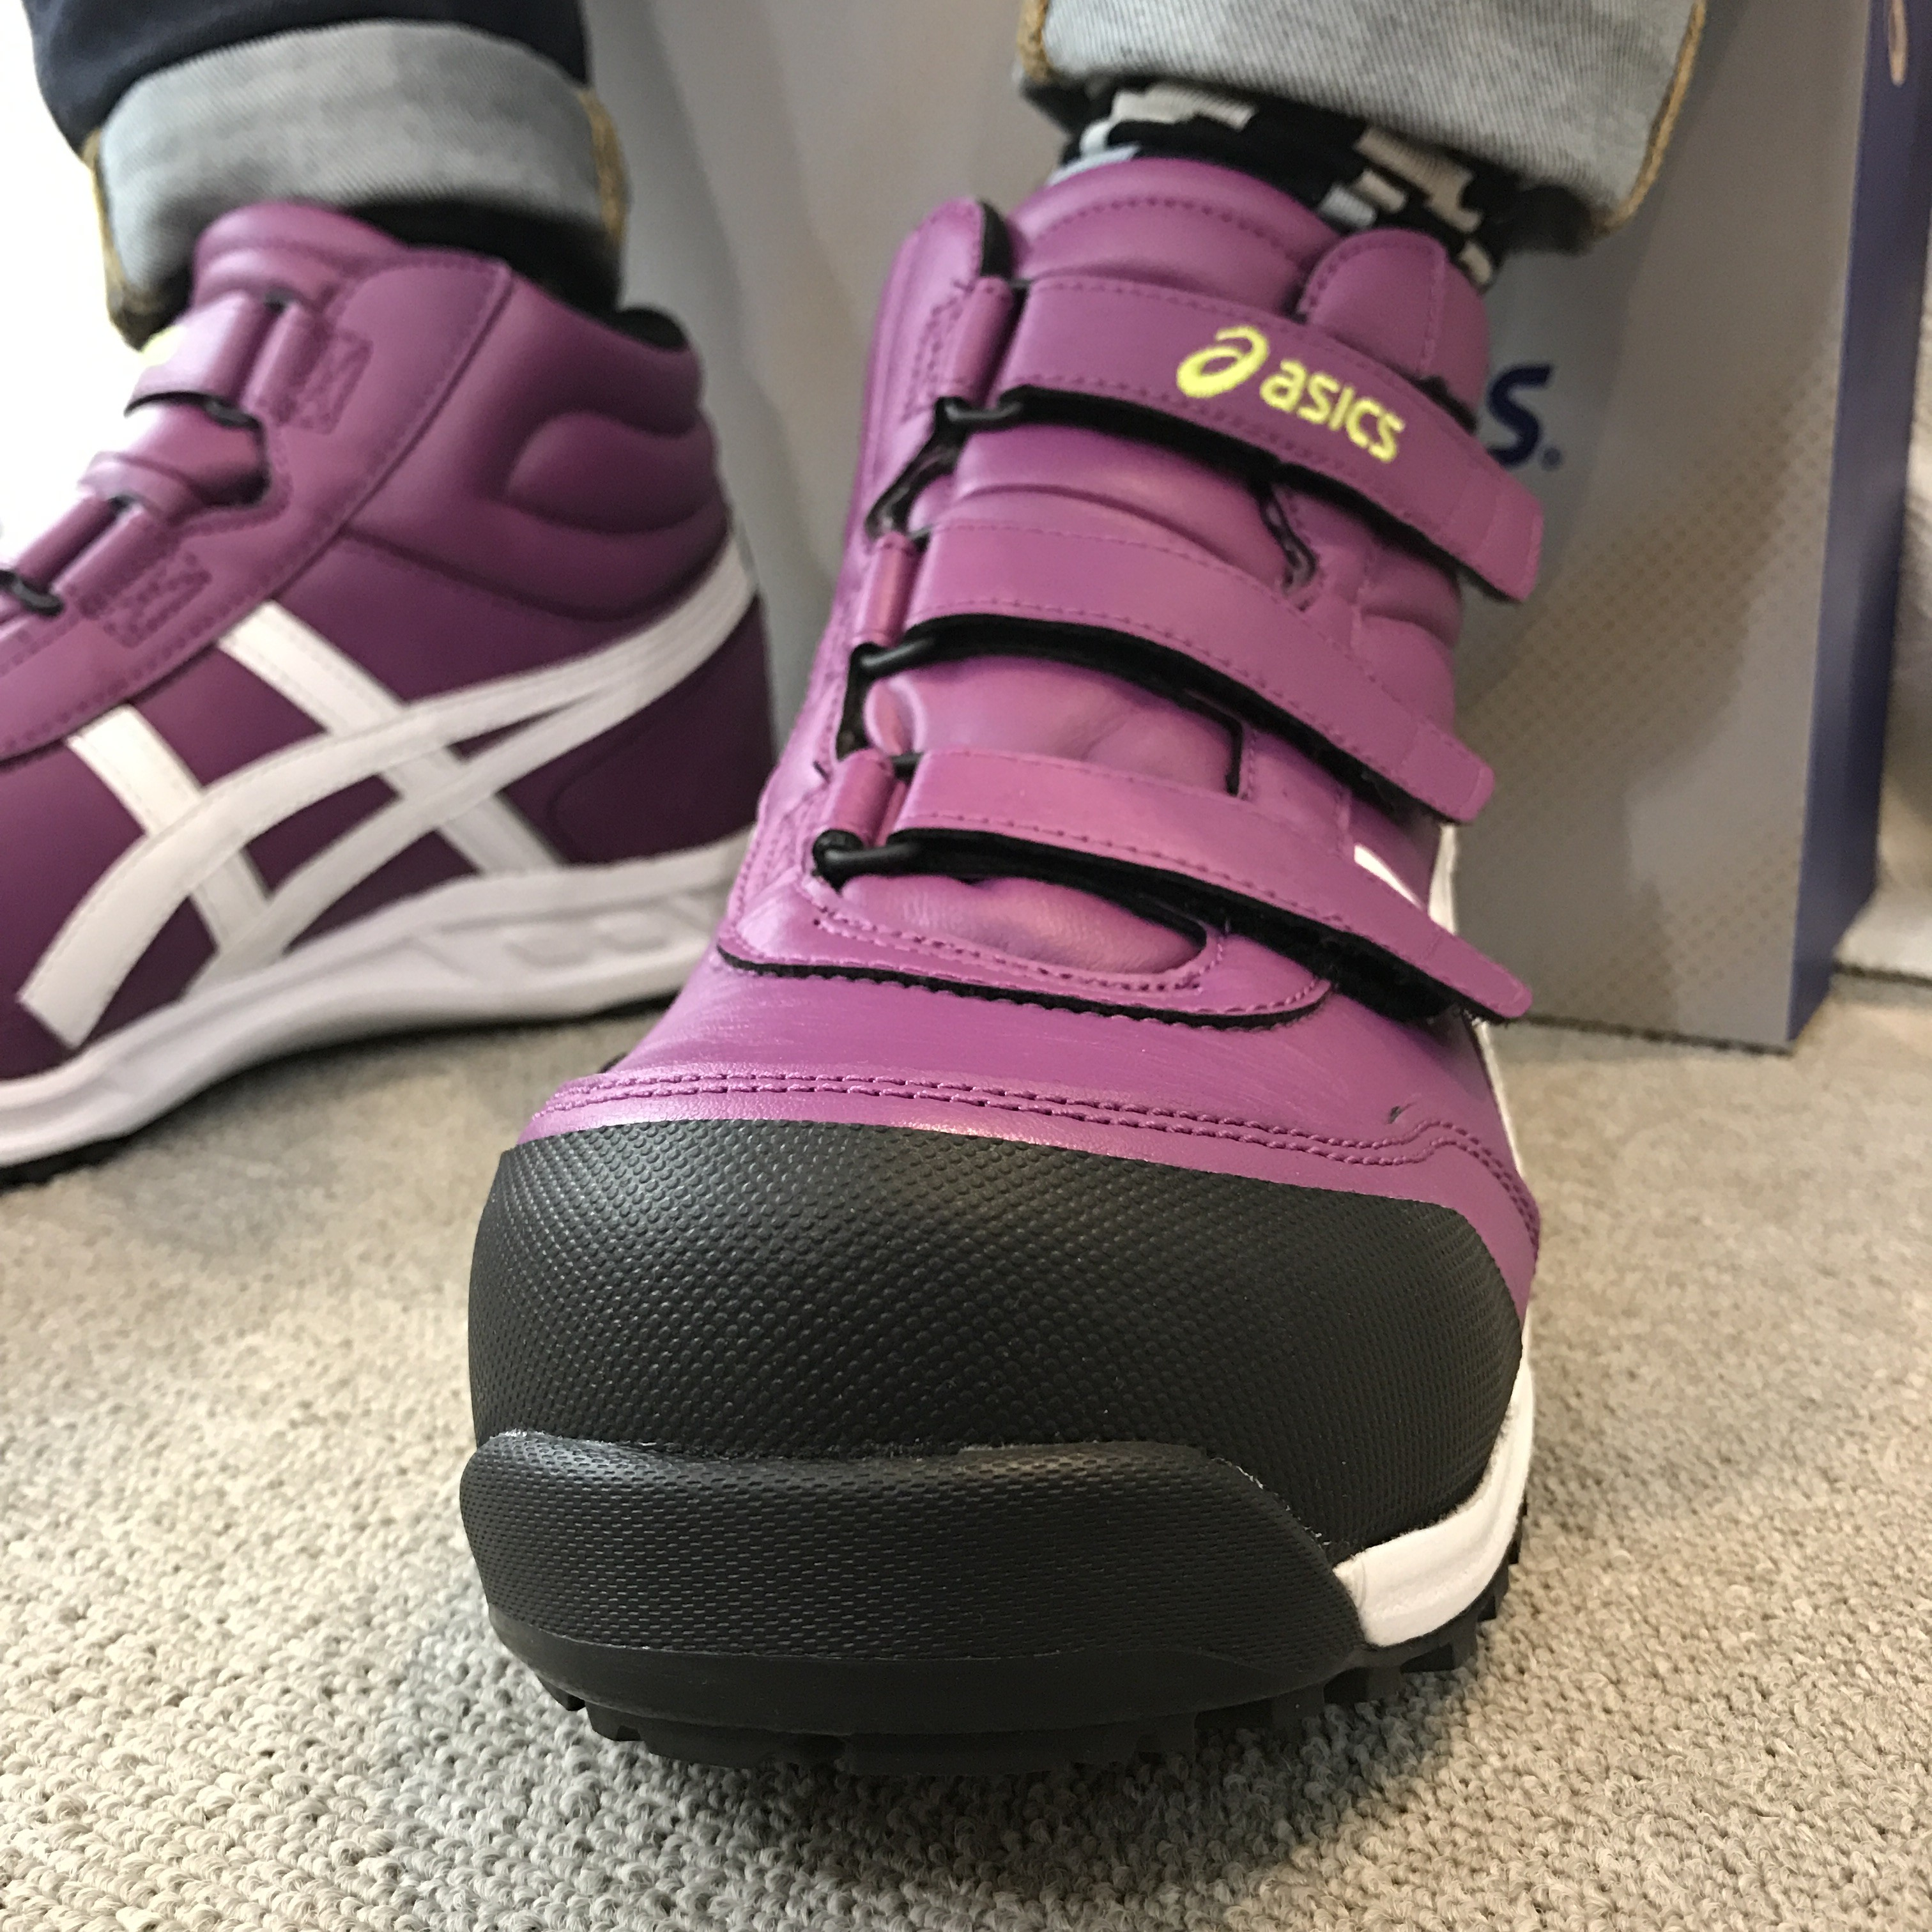 asics|安全靴|アシックス FIS53S/ウィンジョブ53S 限定カラー フロックスパープル×ホワイト